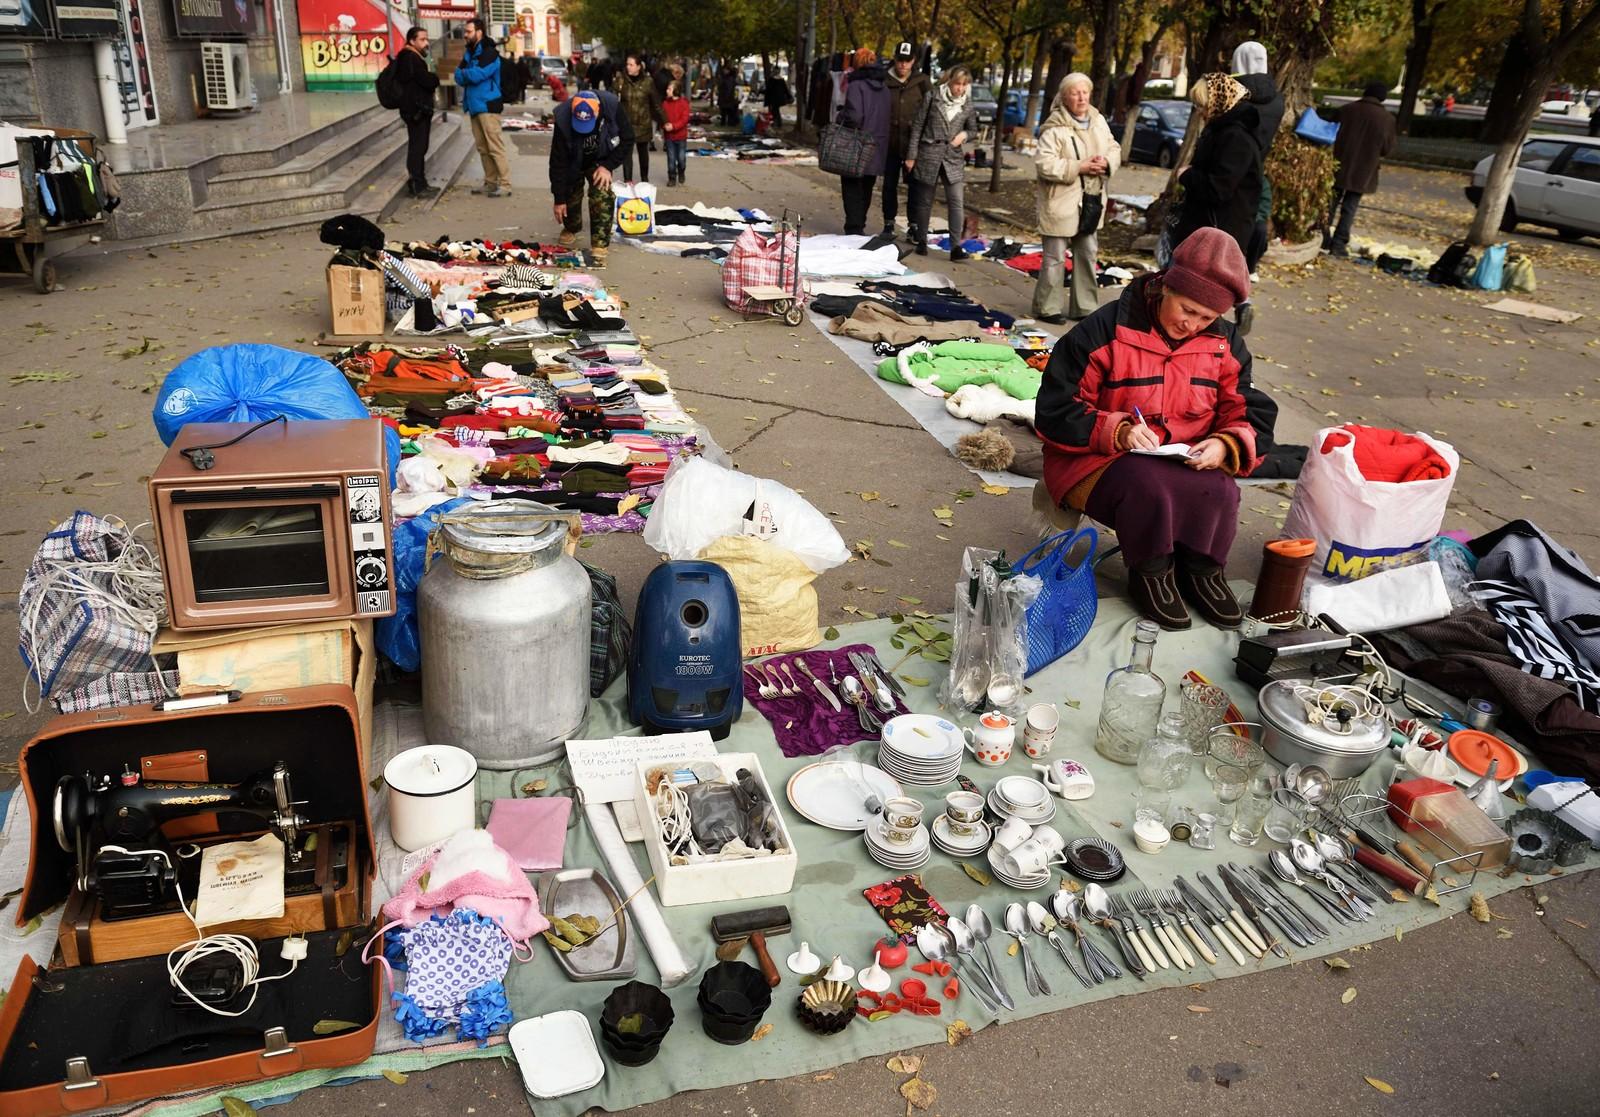 En kvinne selger sine eiendeler på gaten i Chisinau. Pensjonister lever på rundt 400 kroner i Moldova, den laveste pensjonen i Europa.